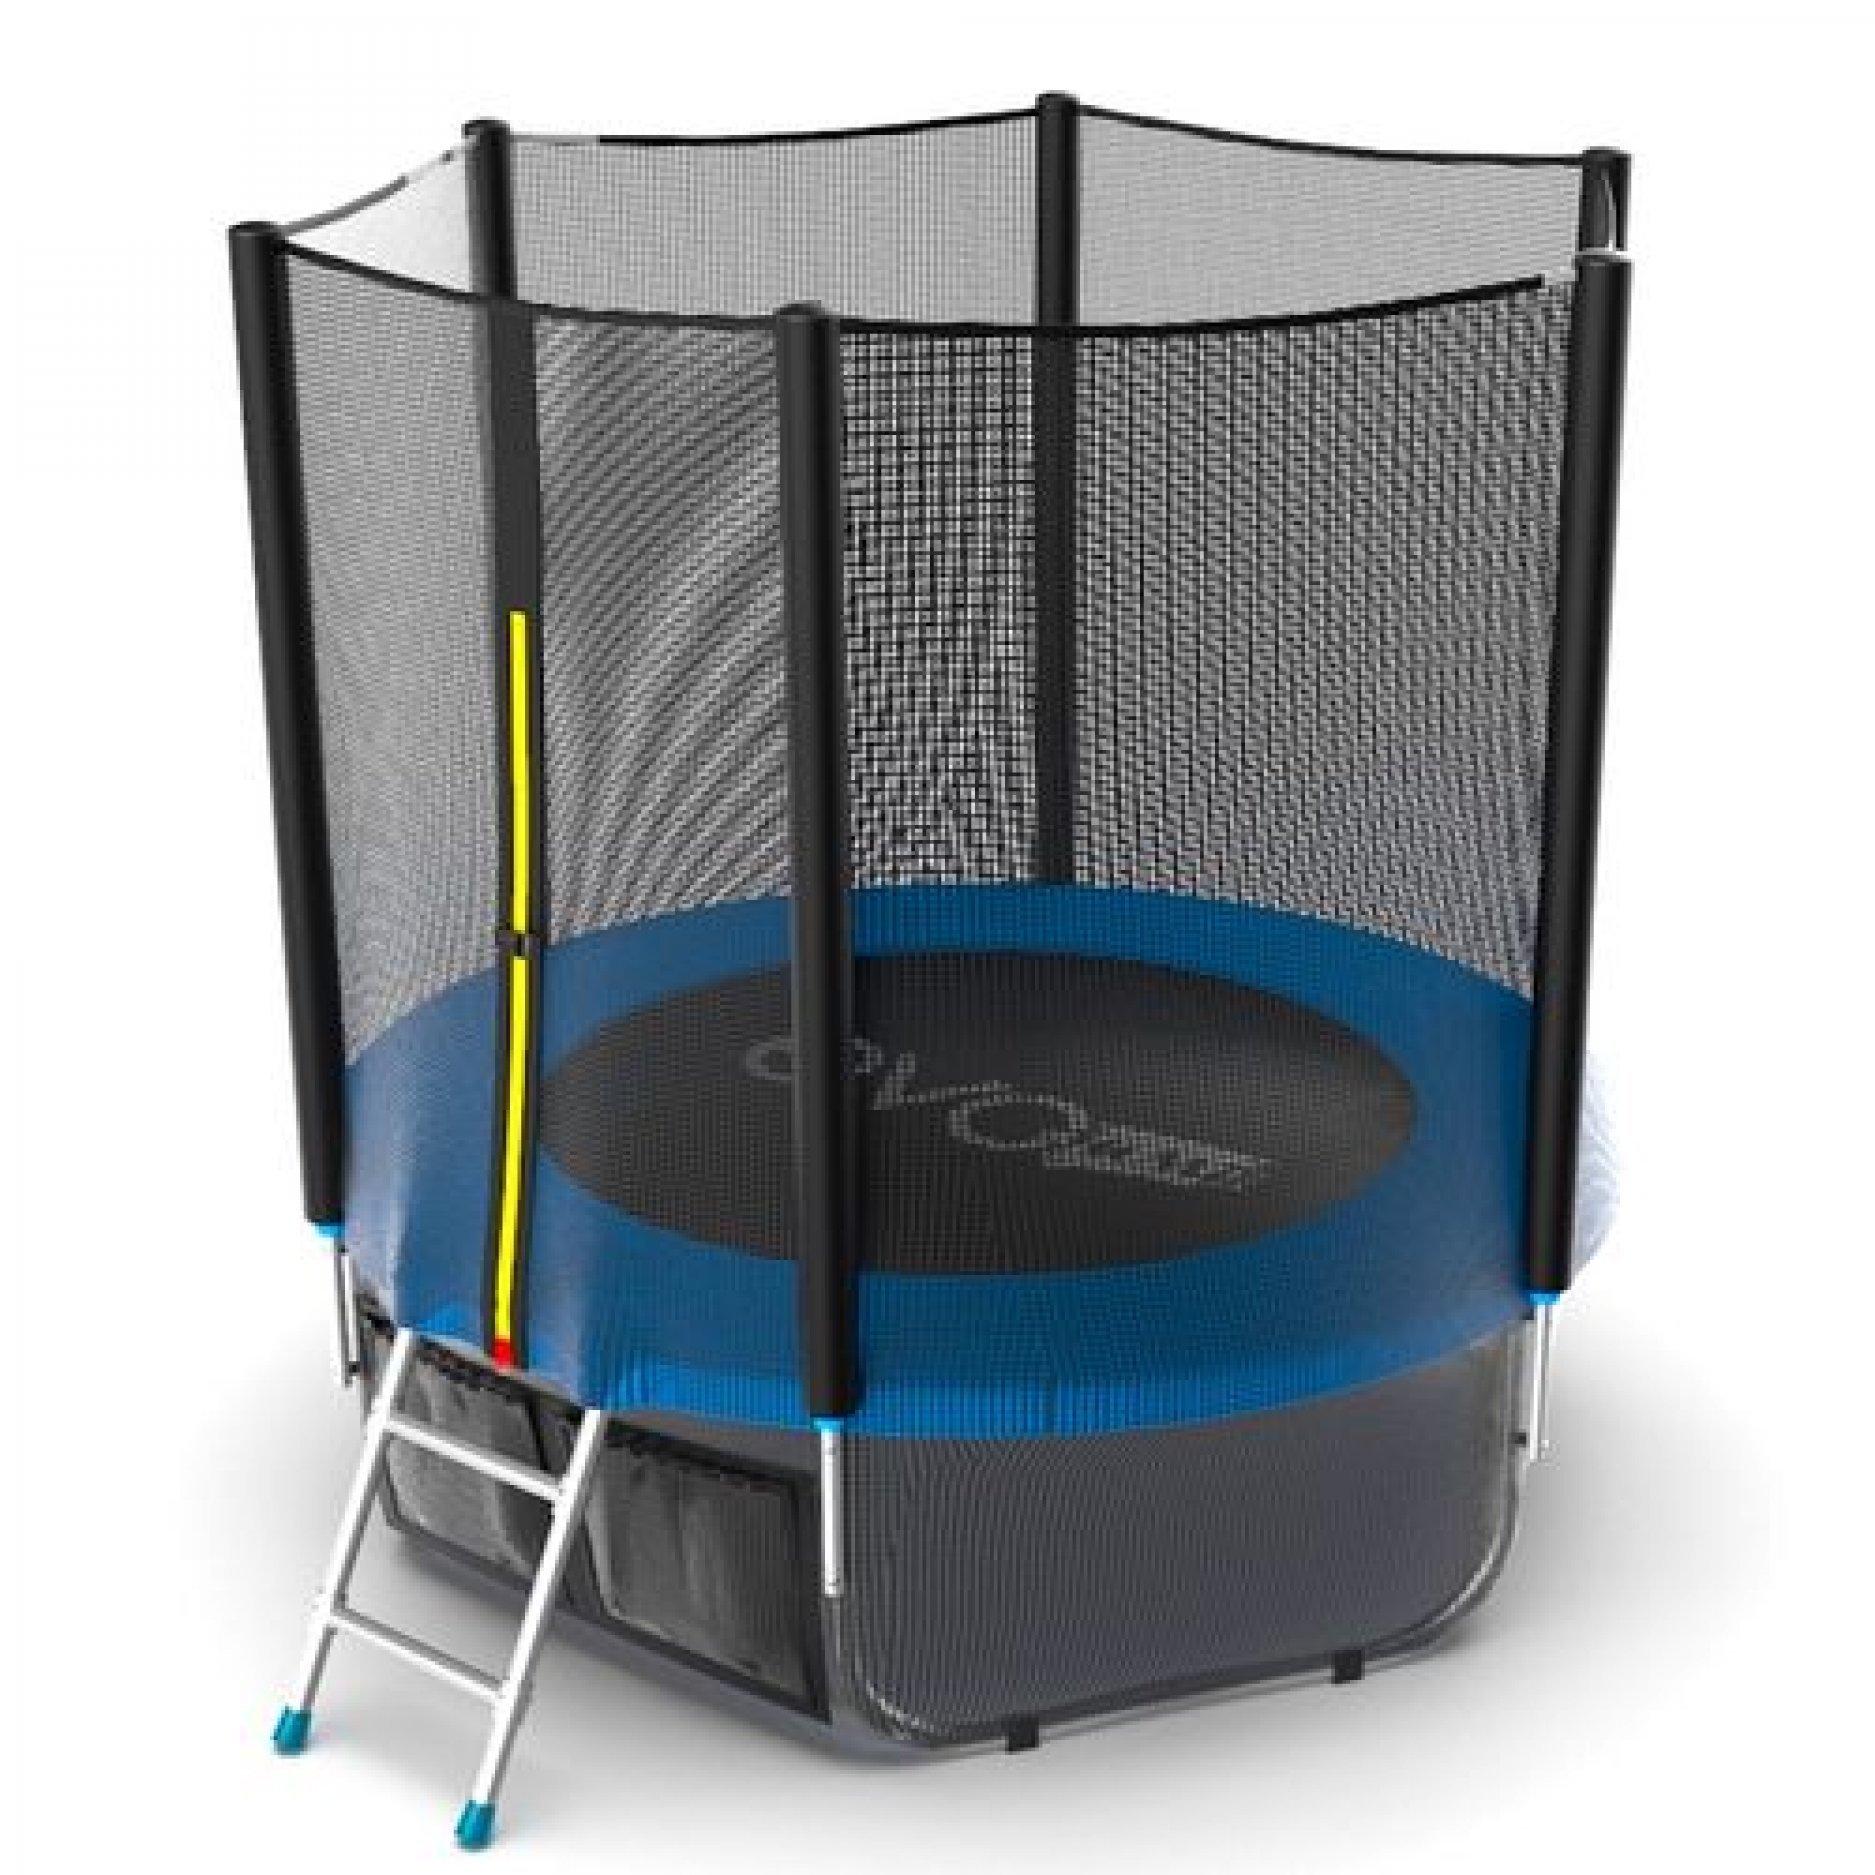 EVO Jump External 10ft (Blue) + Lower net с внешней сеткой и лестницей